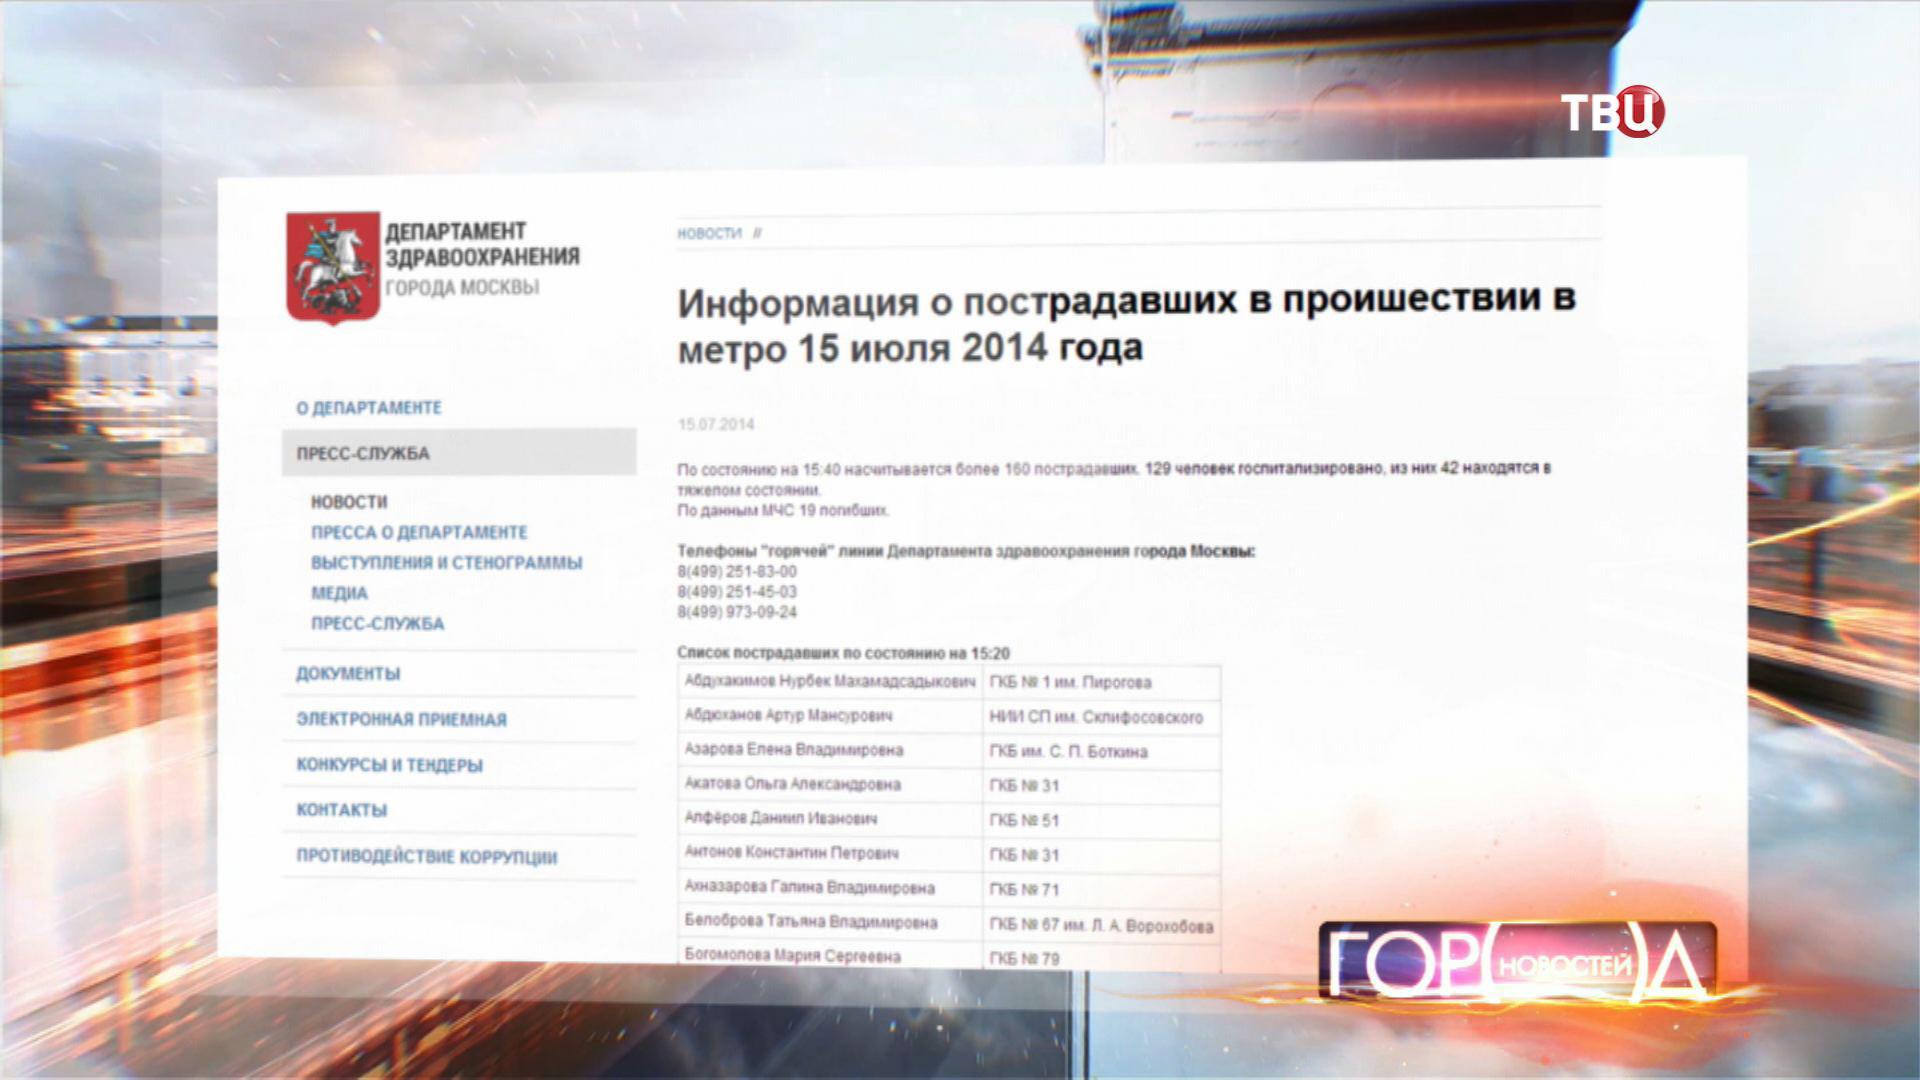 Информация о пострадавших на портале Департамента здравоохранения города Москвы